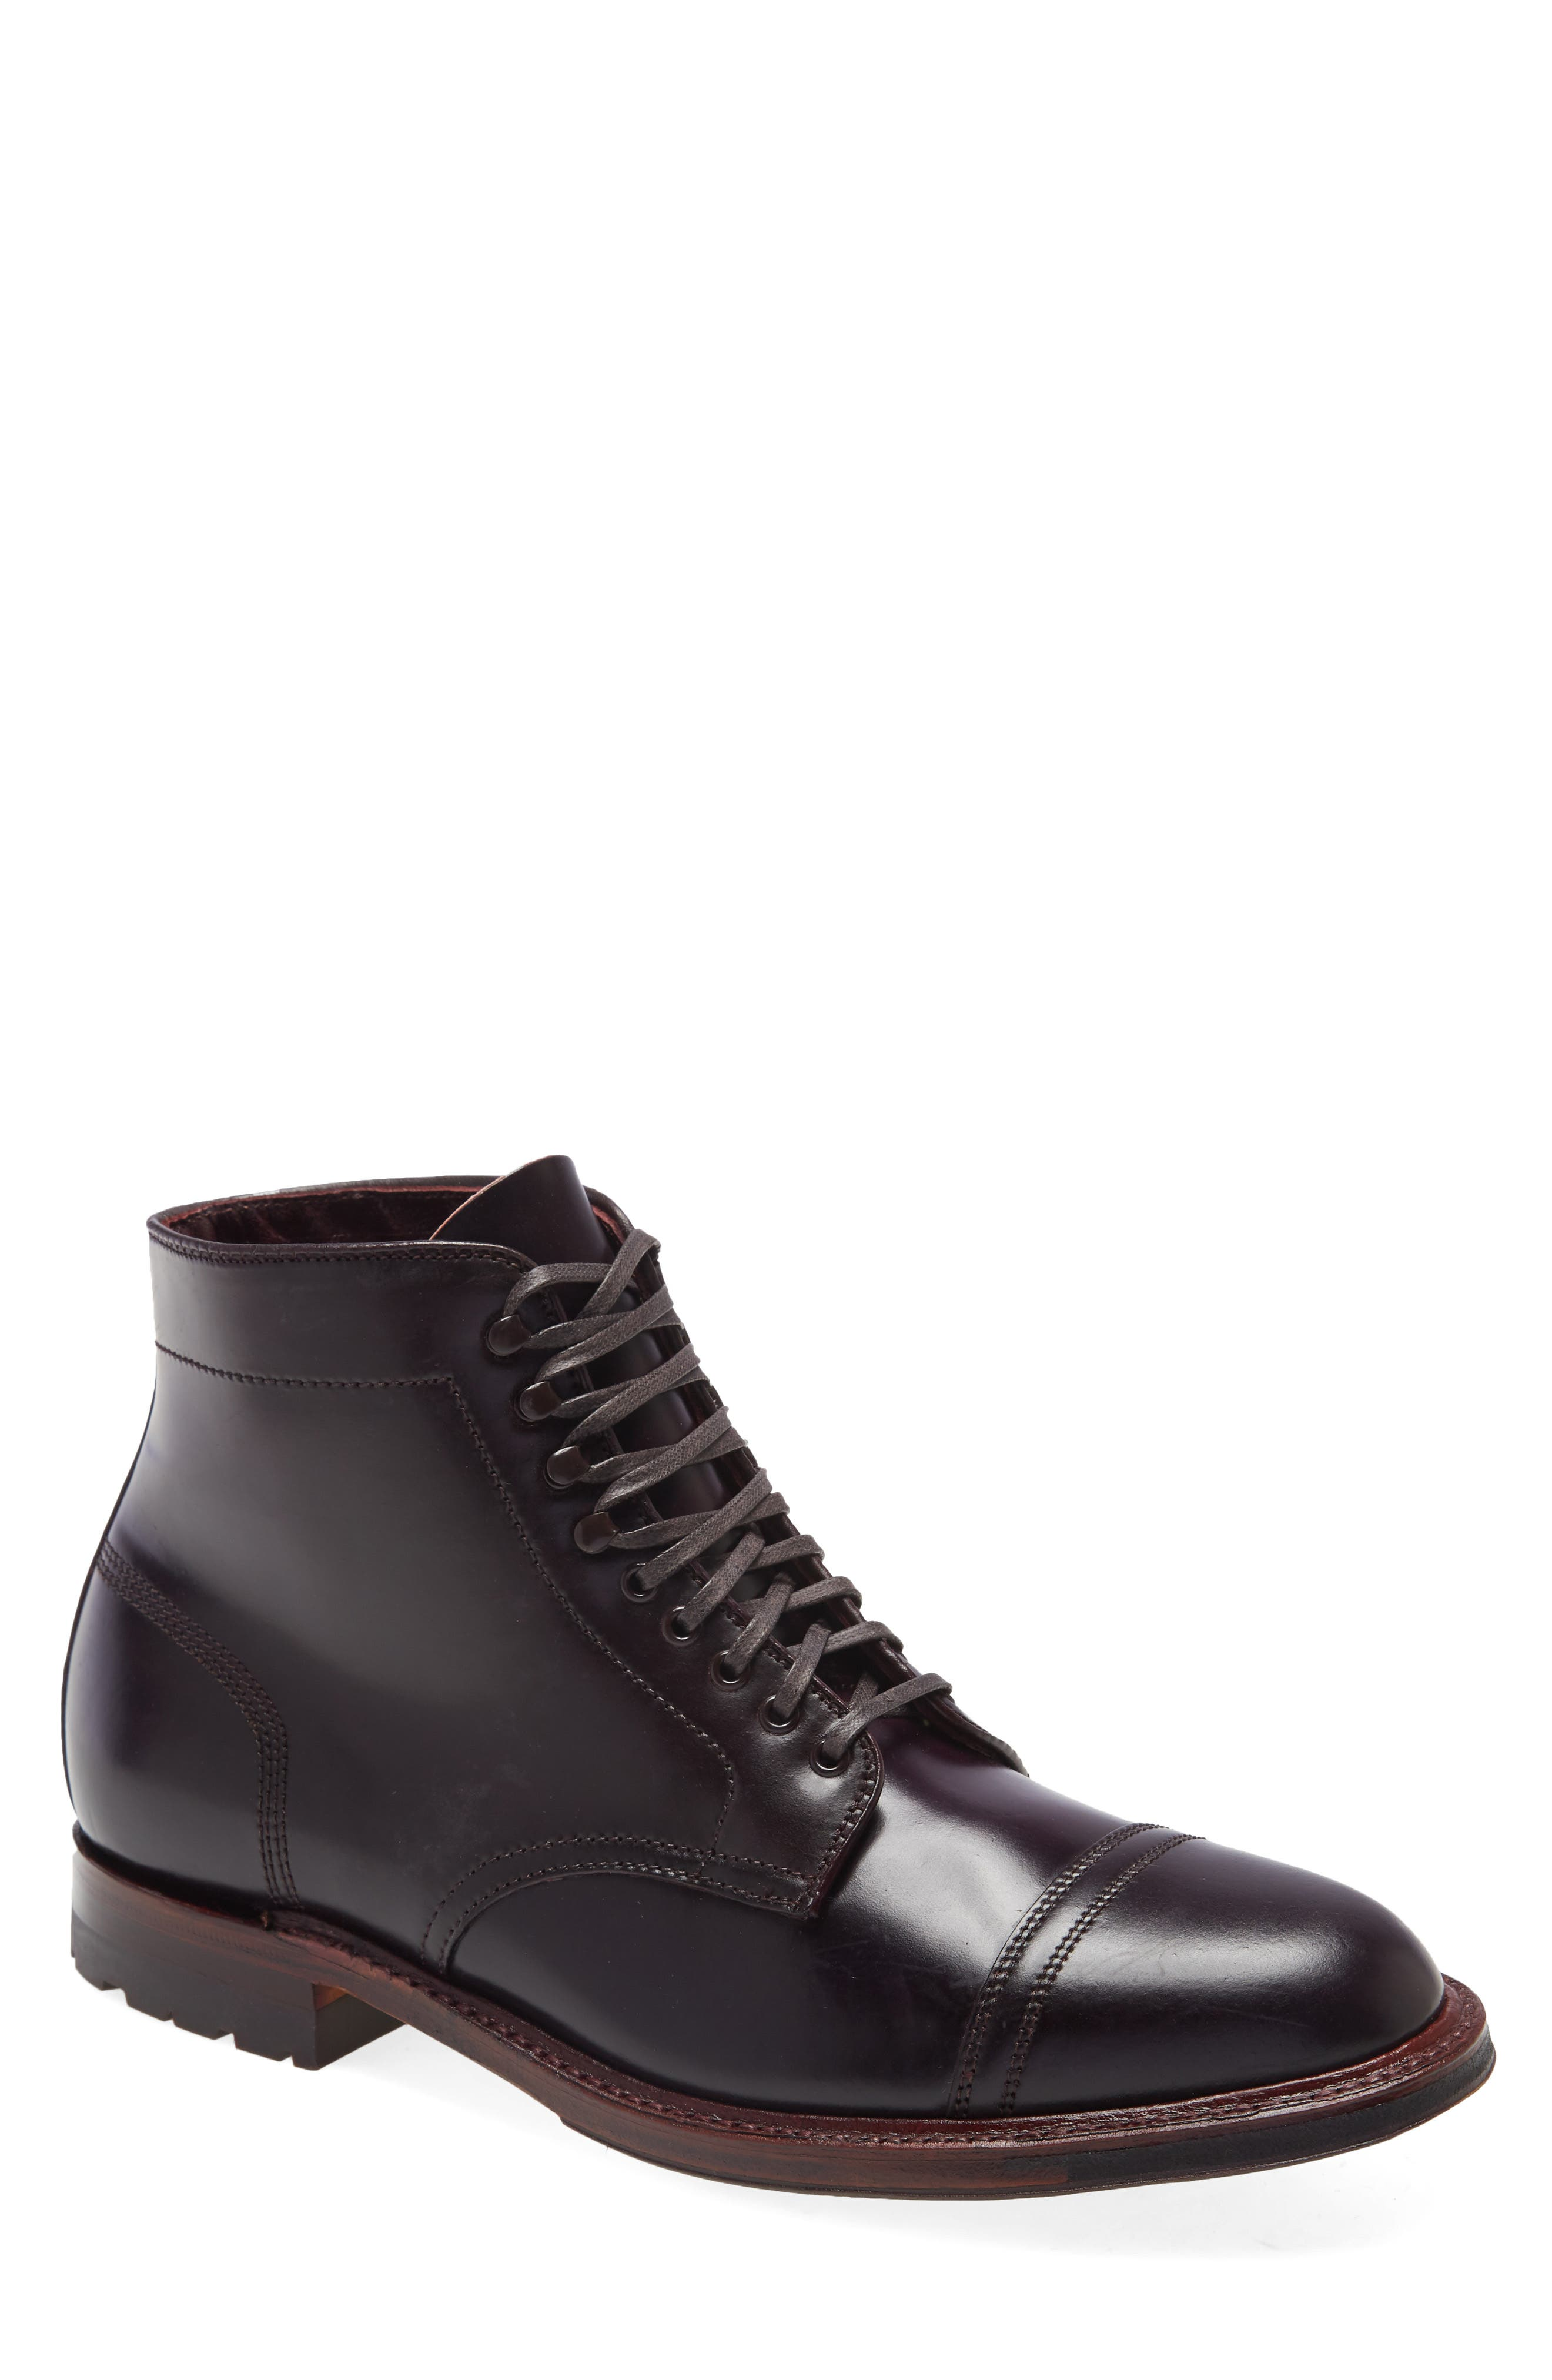 Straight Tip Blucher Boot